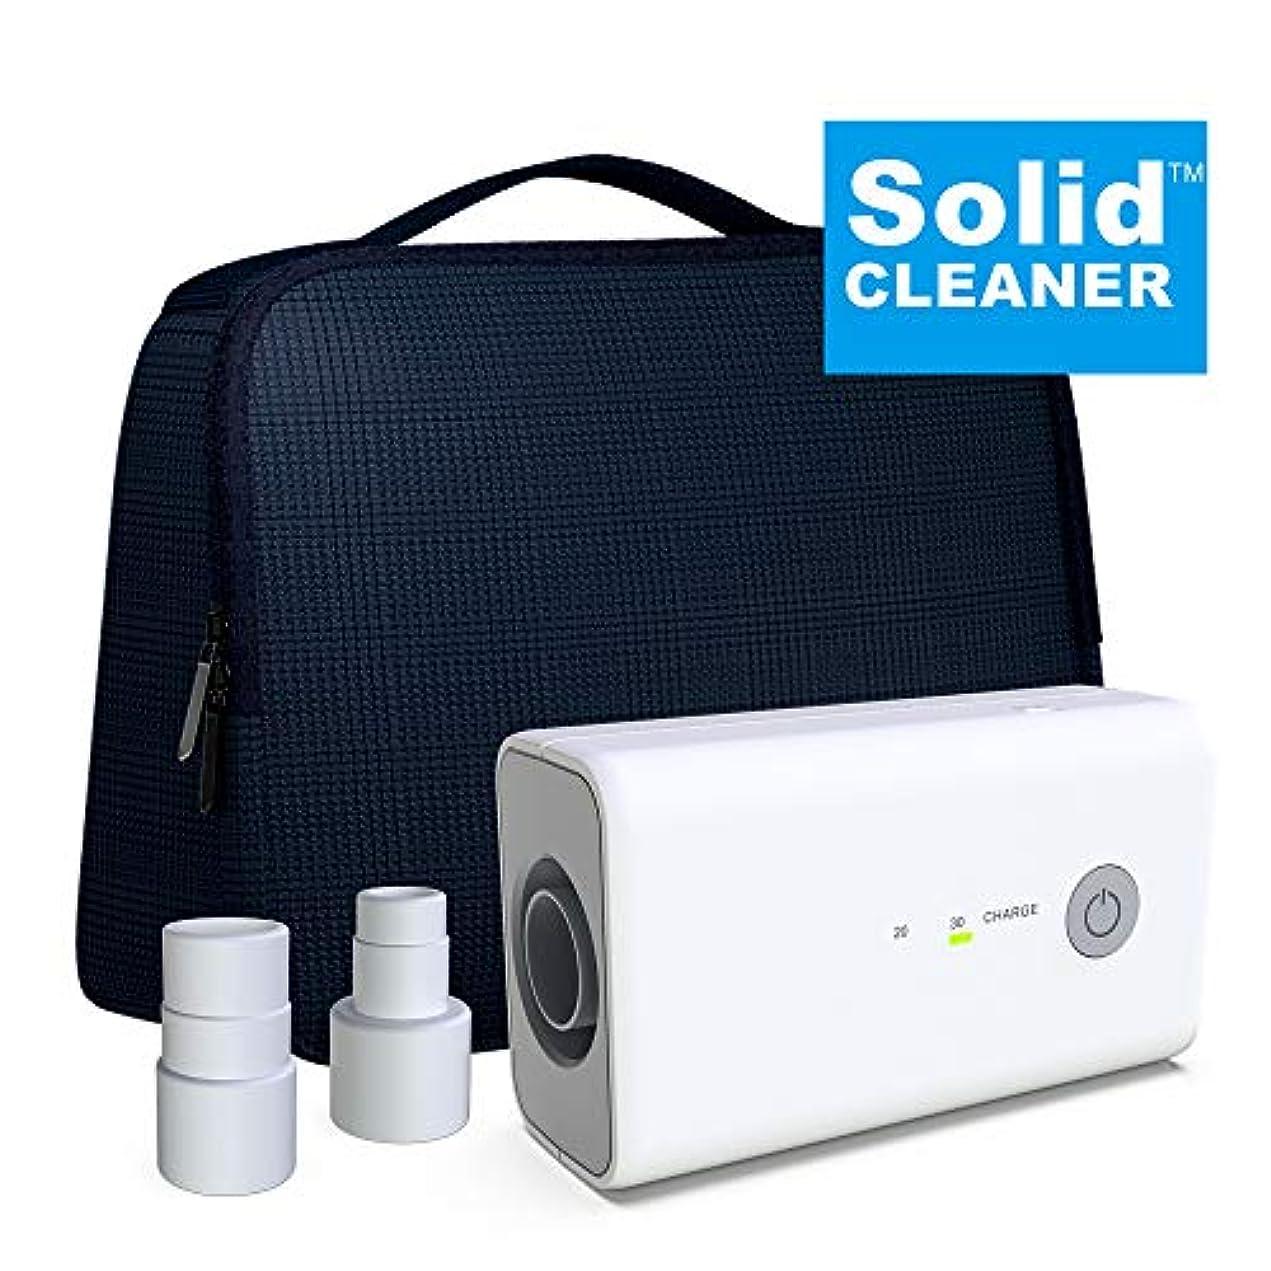 気付く従来の管理Solidcleaner 新しい クリーナーと消毒剤 バンドル バッグ互換性 加熱ホースアダプタアダプタポータブル充電式マスクチューブクリーナーを消毒含み Upgraedバンドル ライトグレー